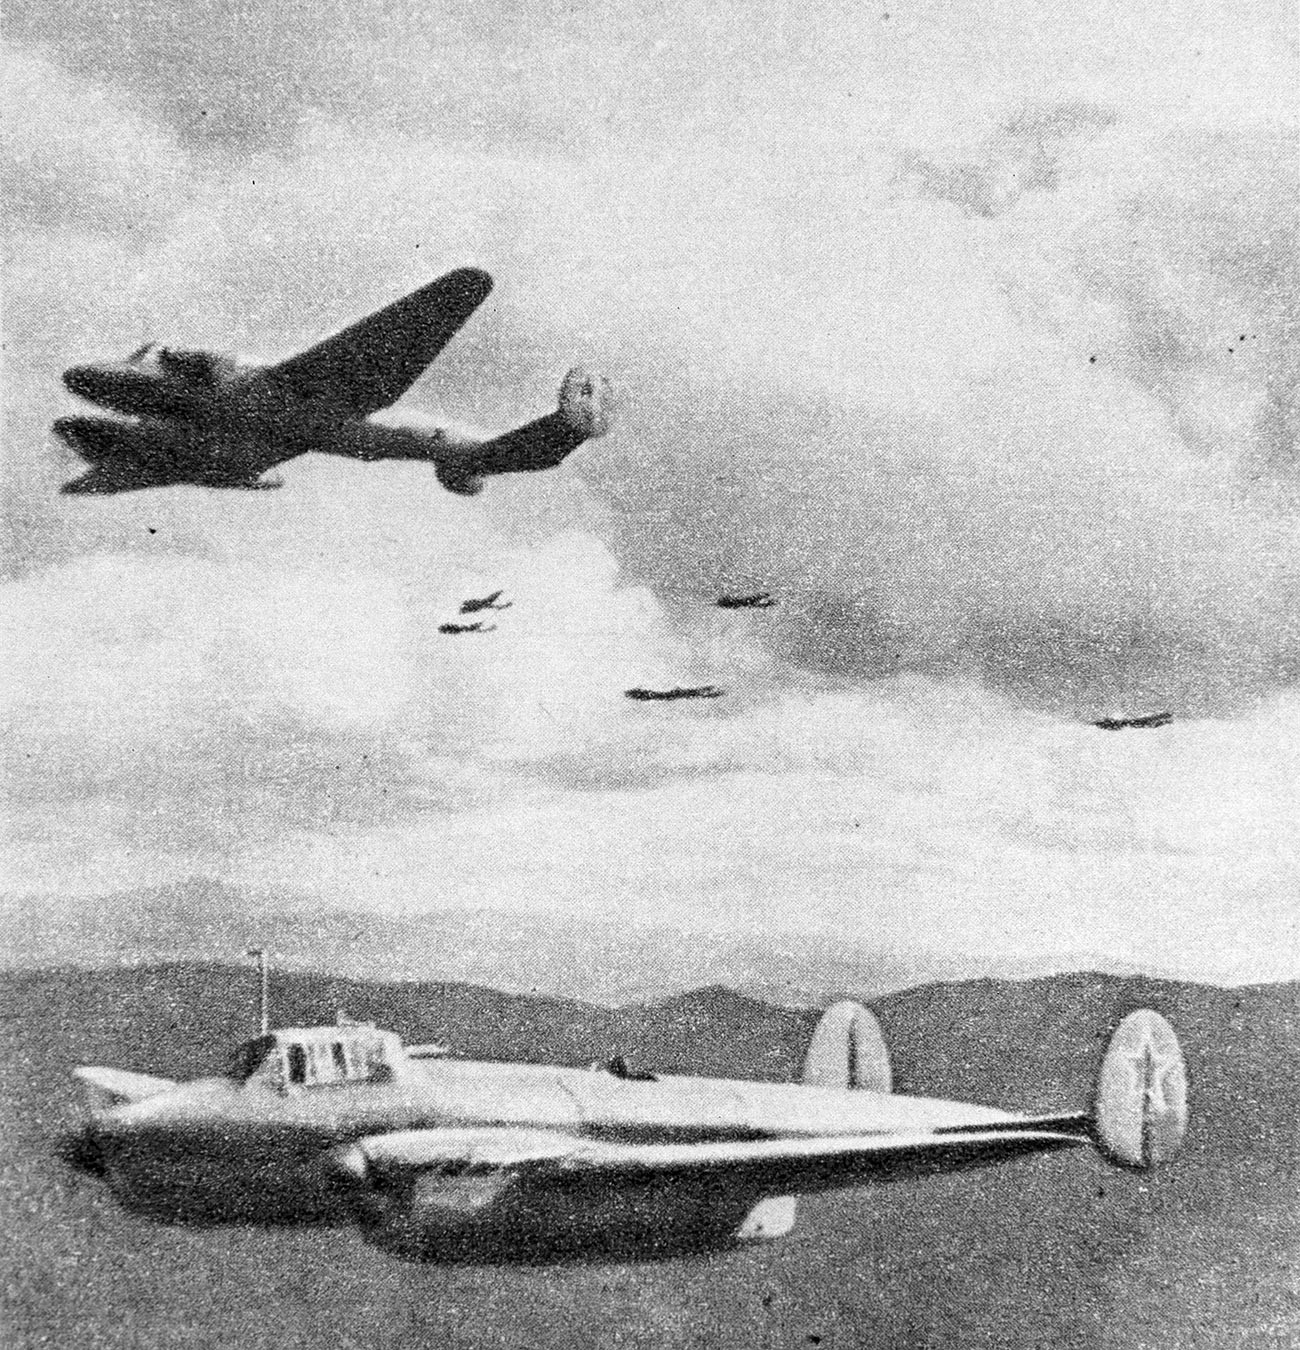 Soviet bombers in China.